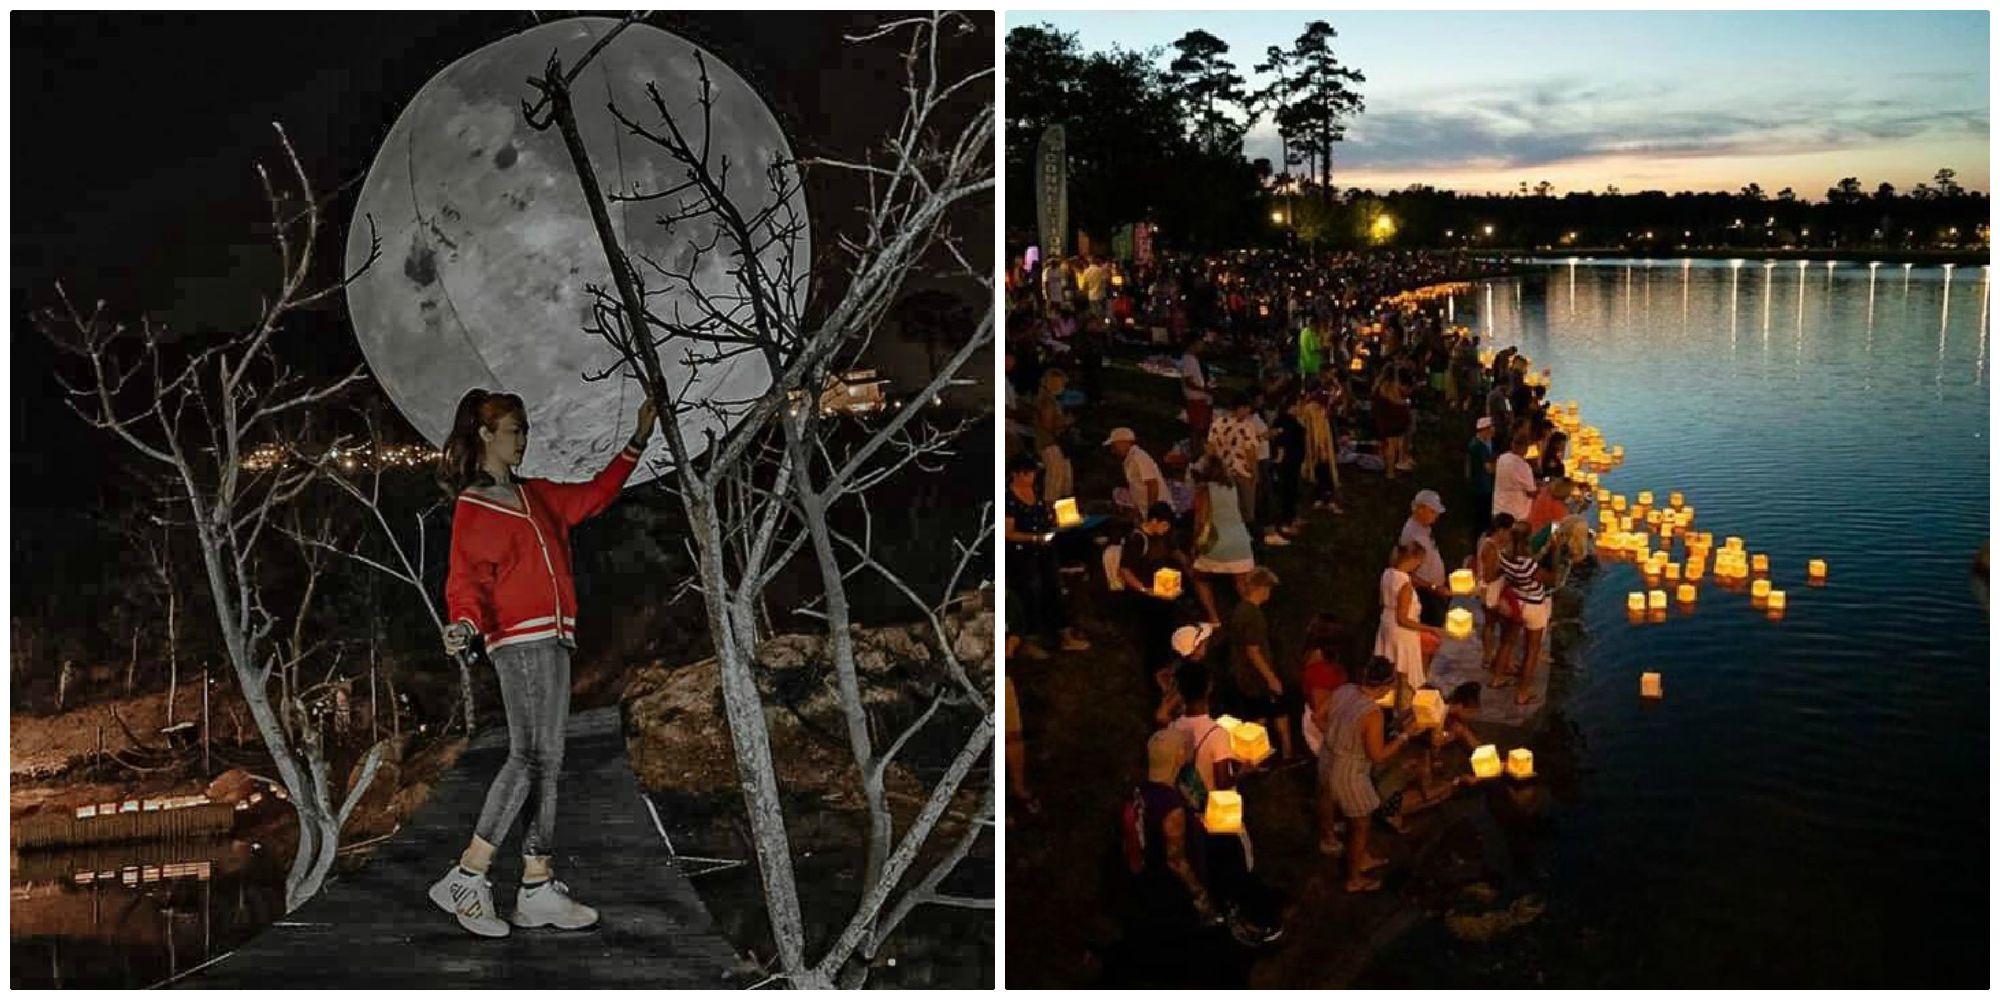 Khu thả đèn hoa đăng cầu bình yên mới toanh ở Đà Lạt chuẩn bị khai trương đúng cao điểm dịch